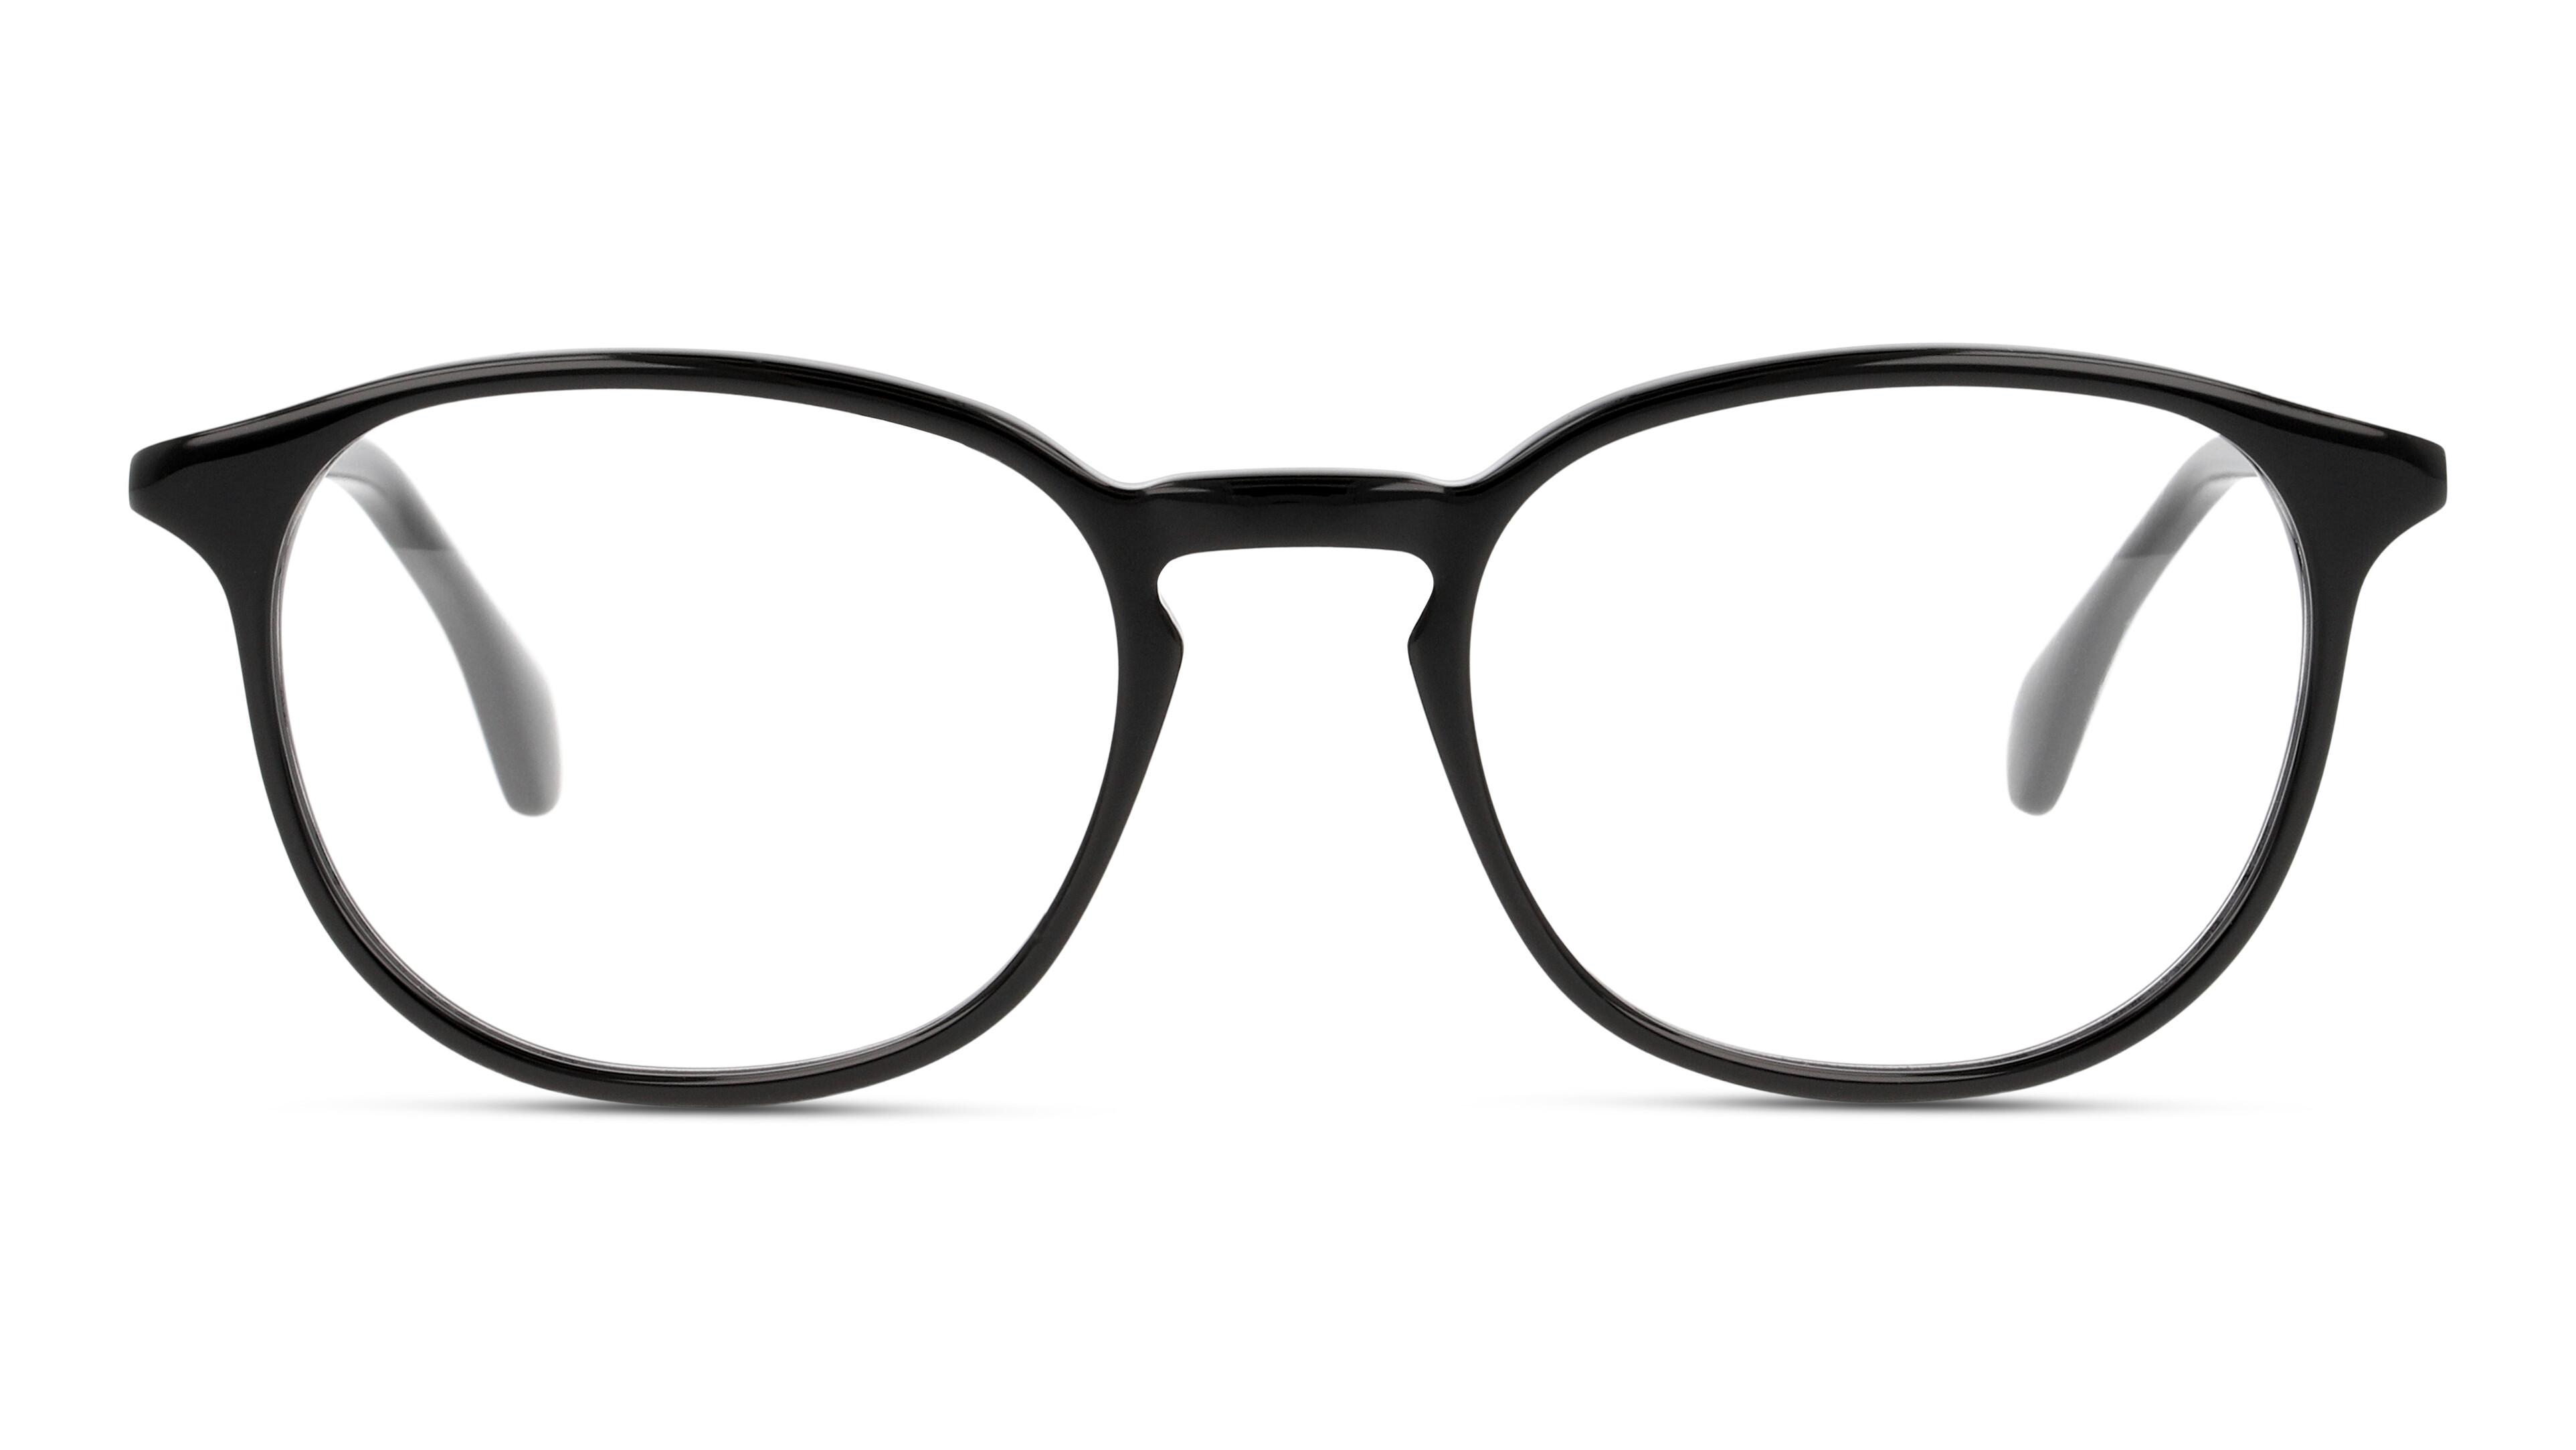 8056376286205-front-brillenfassung-gucci-gg0551o-black-black-transparent